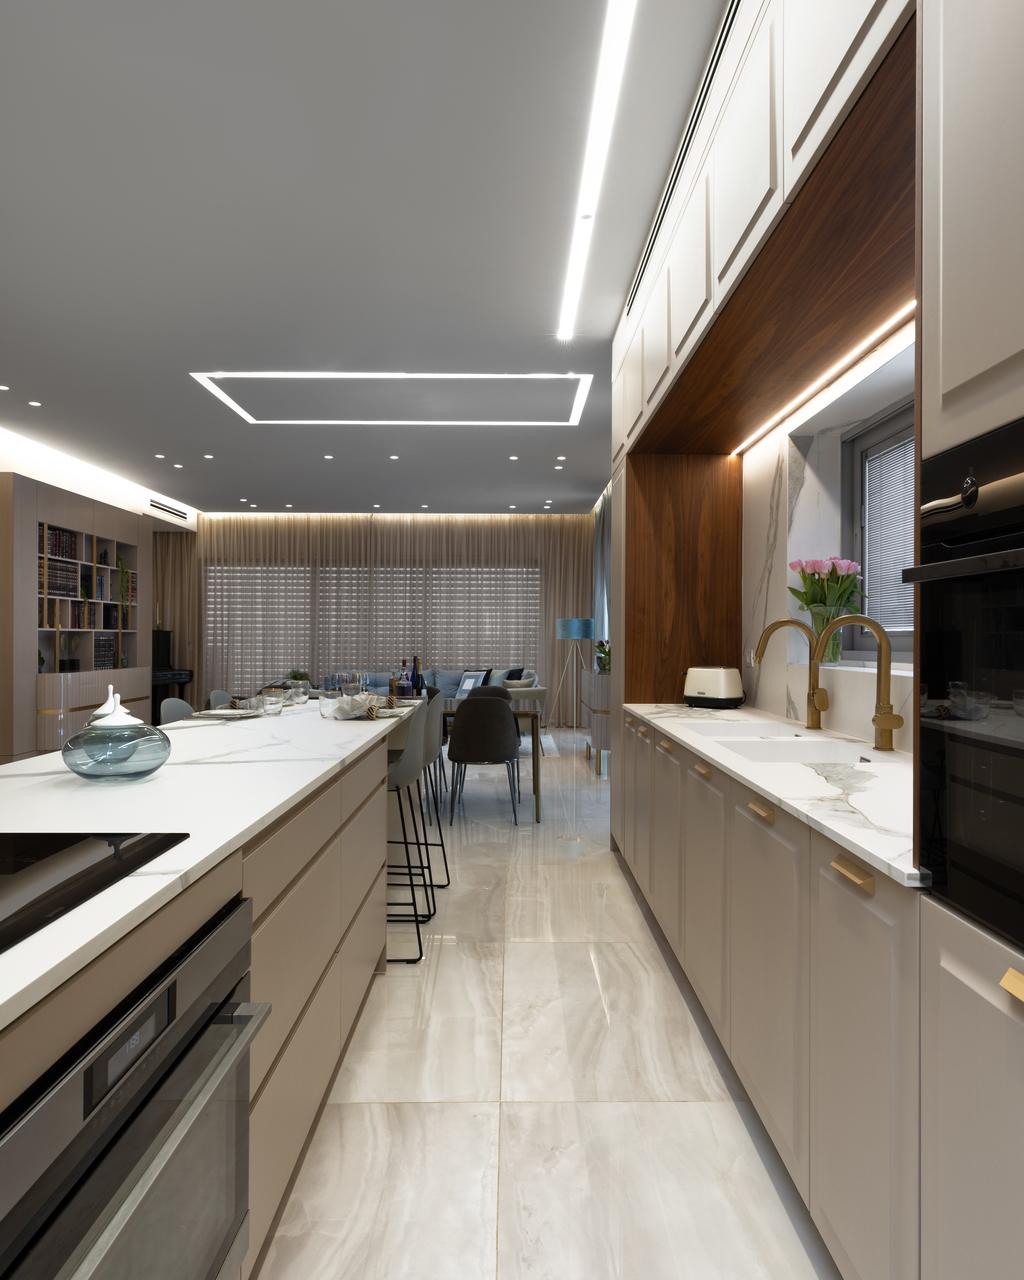 שילוב גופי תאורה שקועי גבס ופסי לד בהתאמה למטבח ולסלון   עיצוב: אביטל ובלהה (א. אבוחצירא)